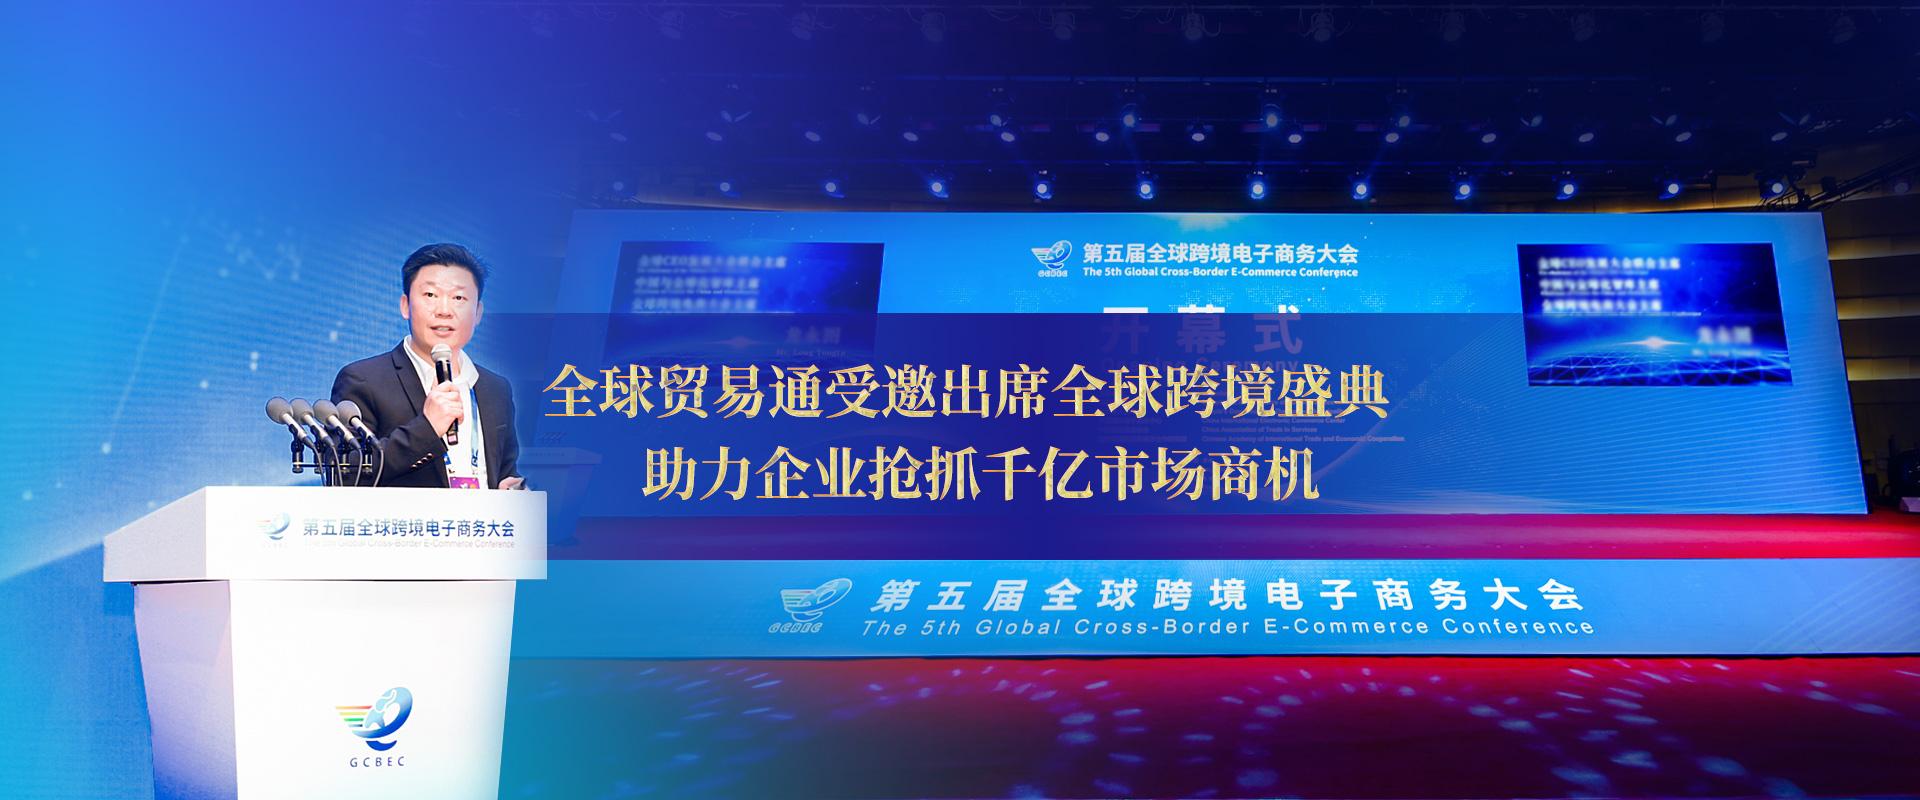 全球贸易通集团出席第五届全球跨境电商大会,并在会上做重要报告